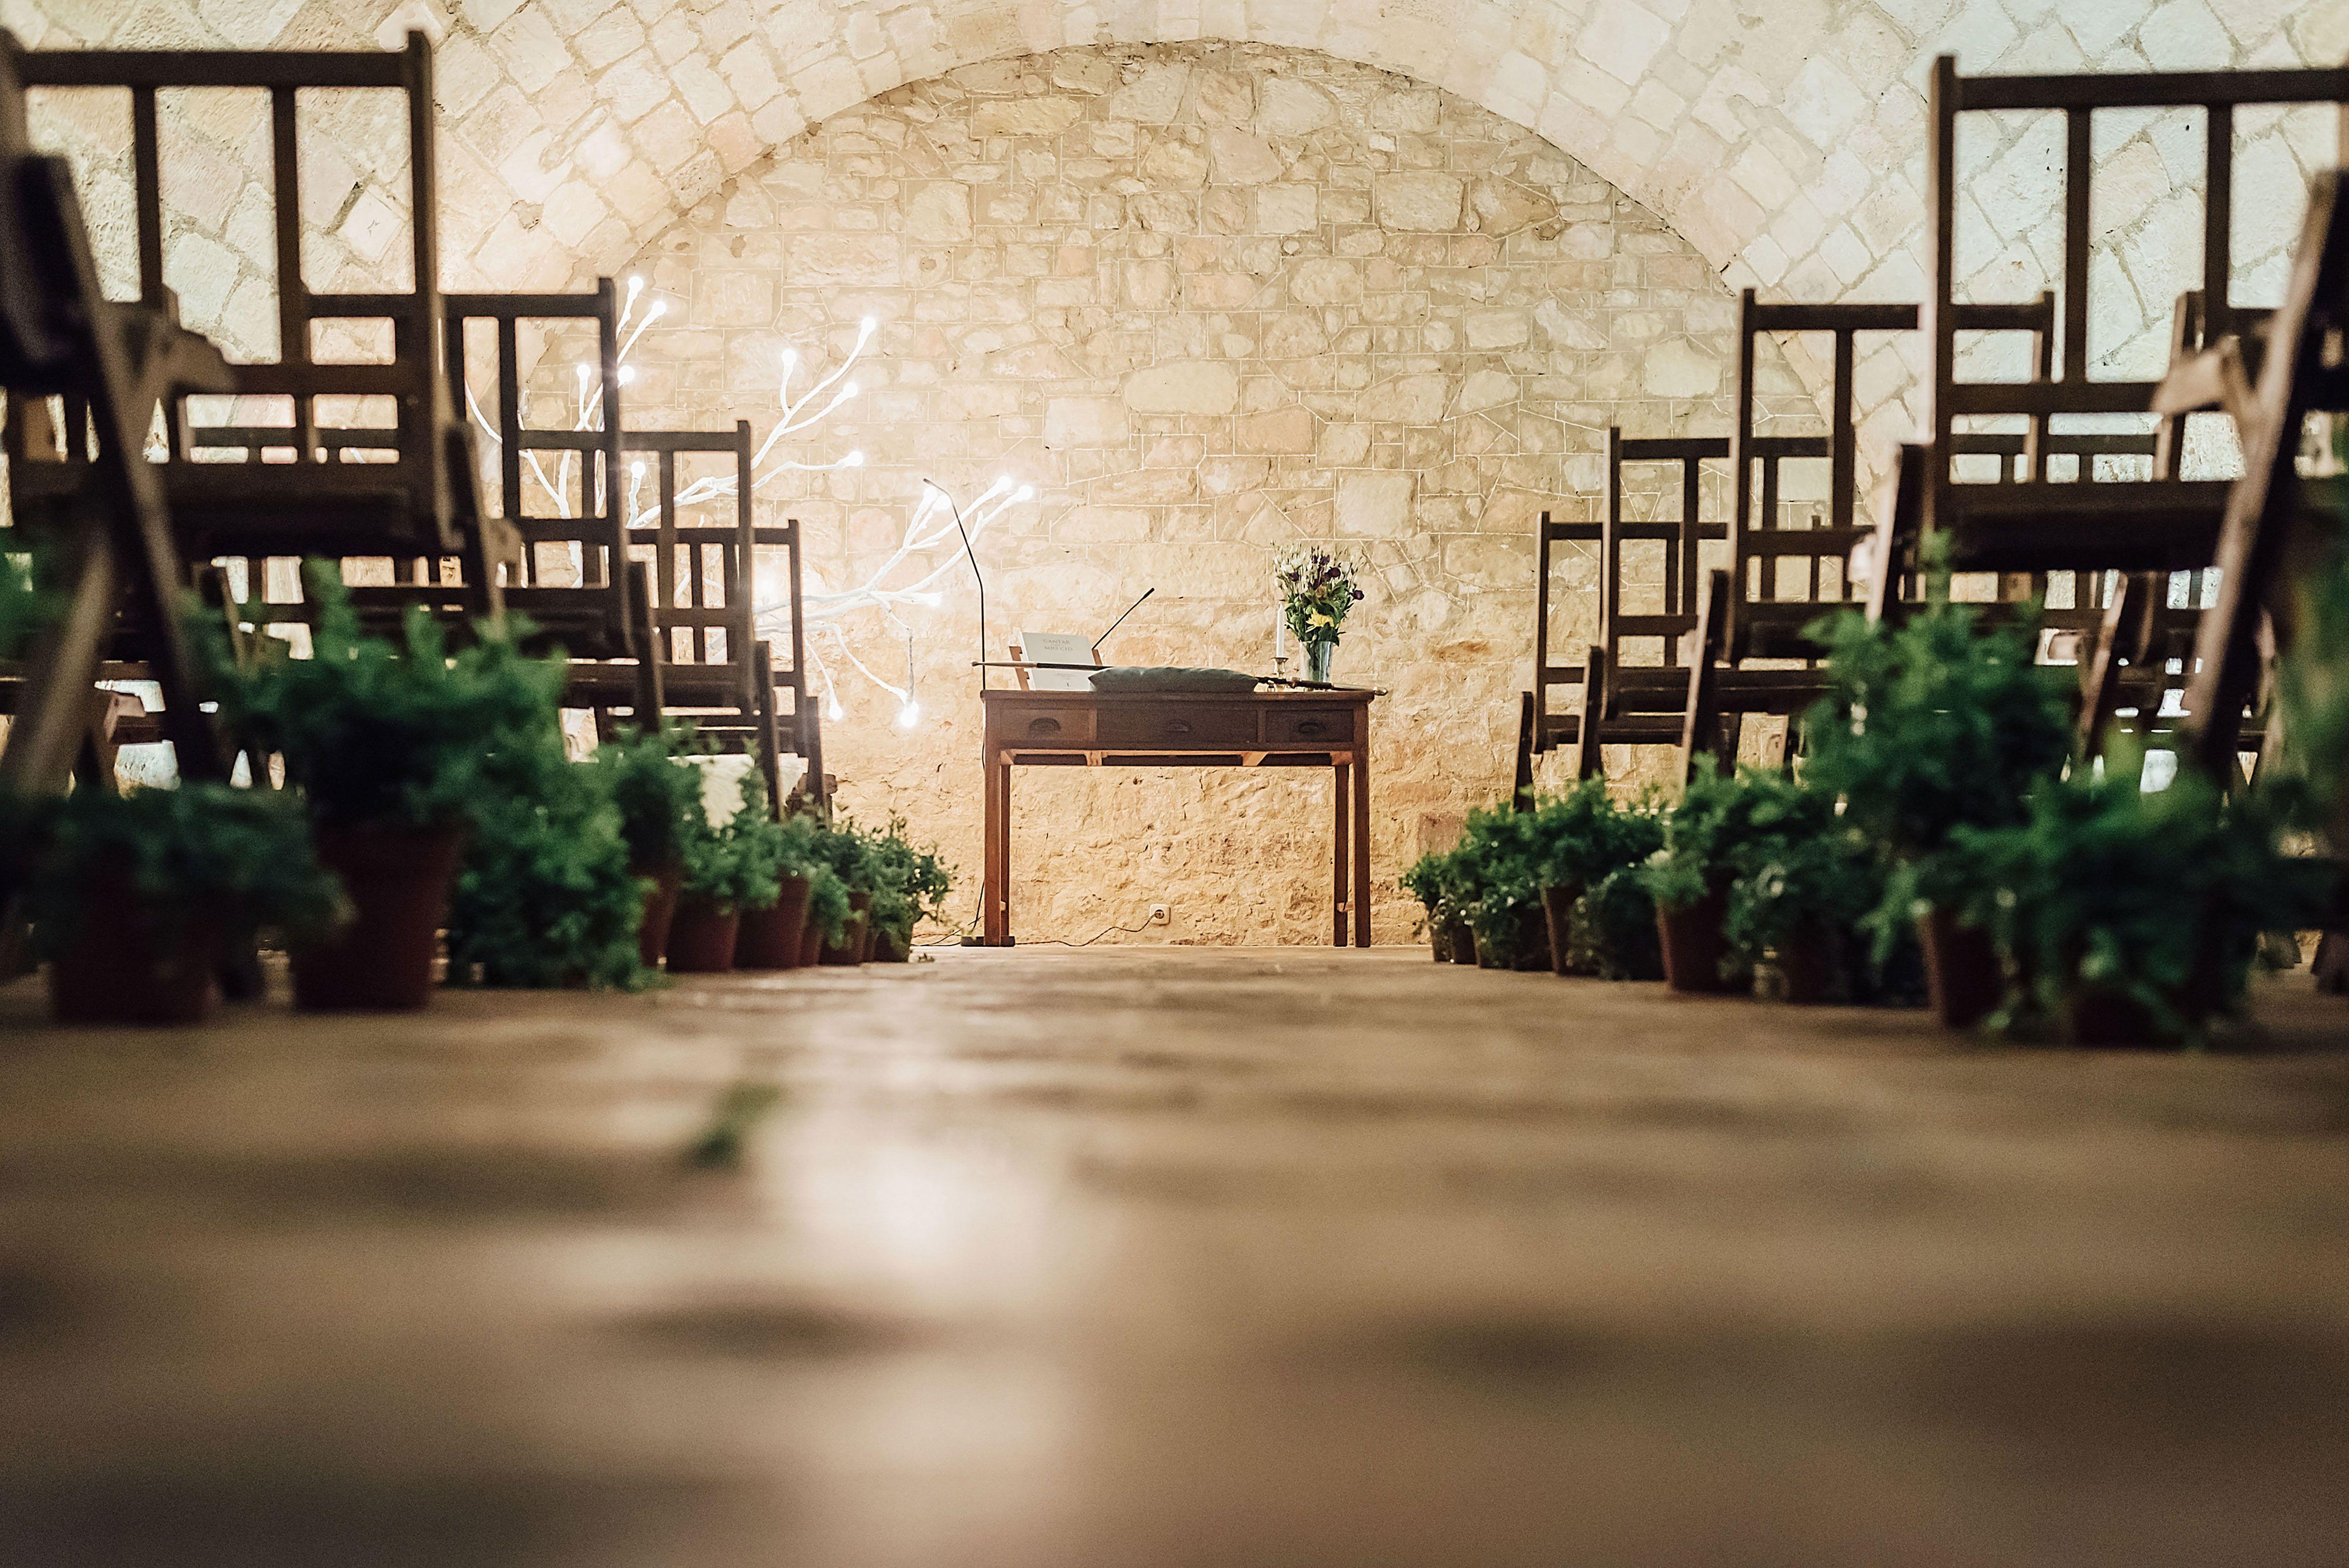 Bereziboda Ide y Rubén Berezi Moments Decoración de Ceremonia, Monasterio del Espino